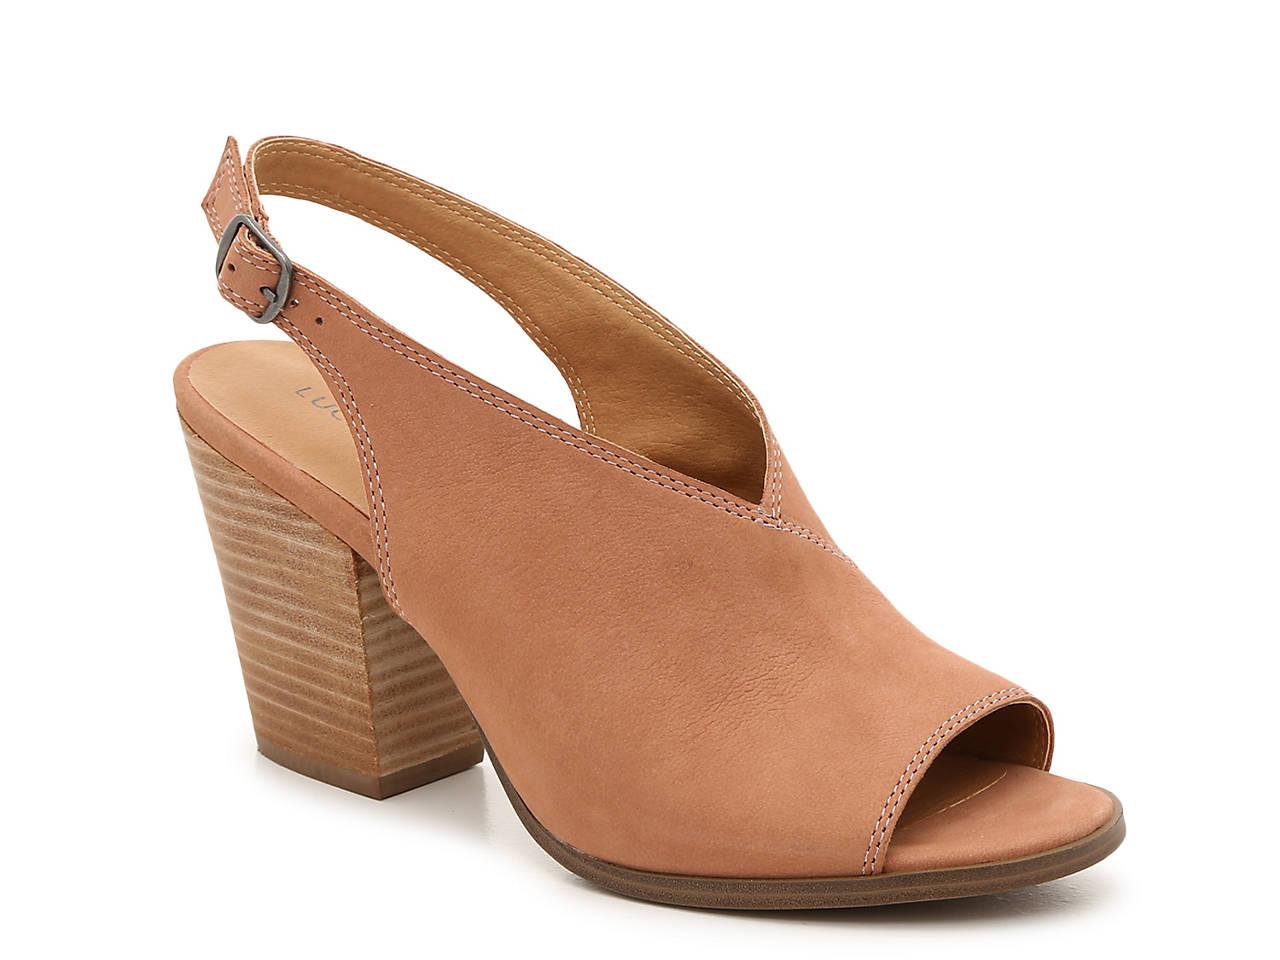 Lucky Brand Women/'s Lideton Nubuck Slingback Block Heeled Sandal